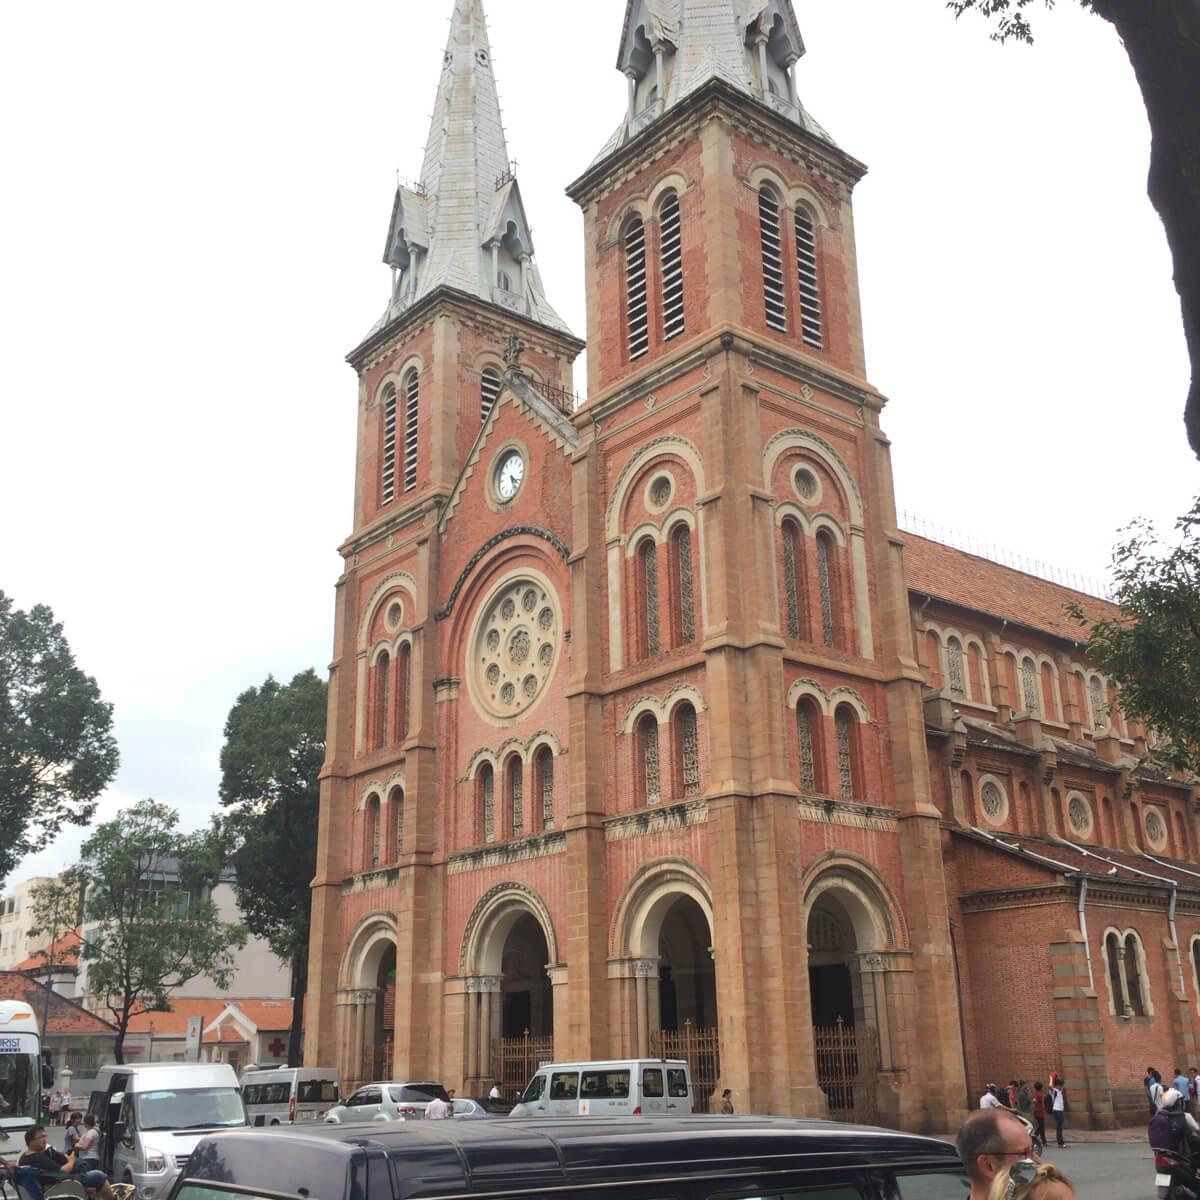 ホーチミン 聖マリア大聖堂